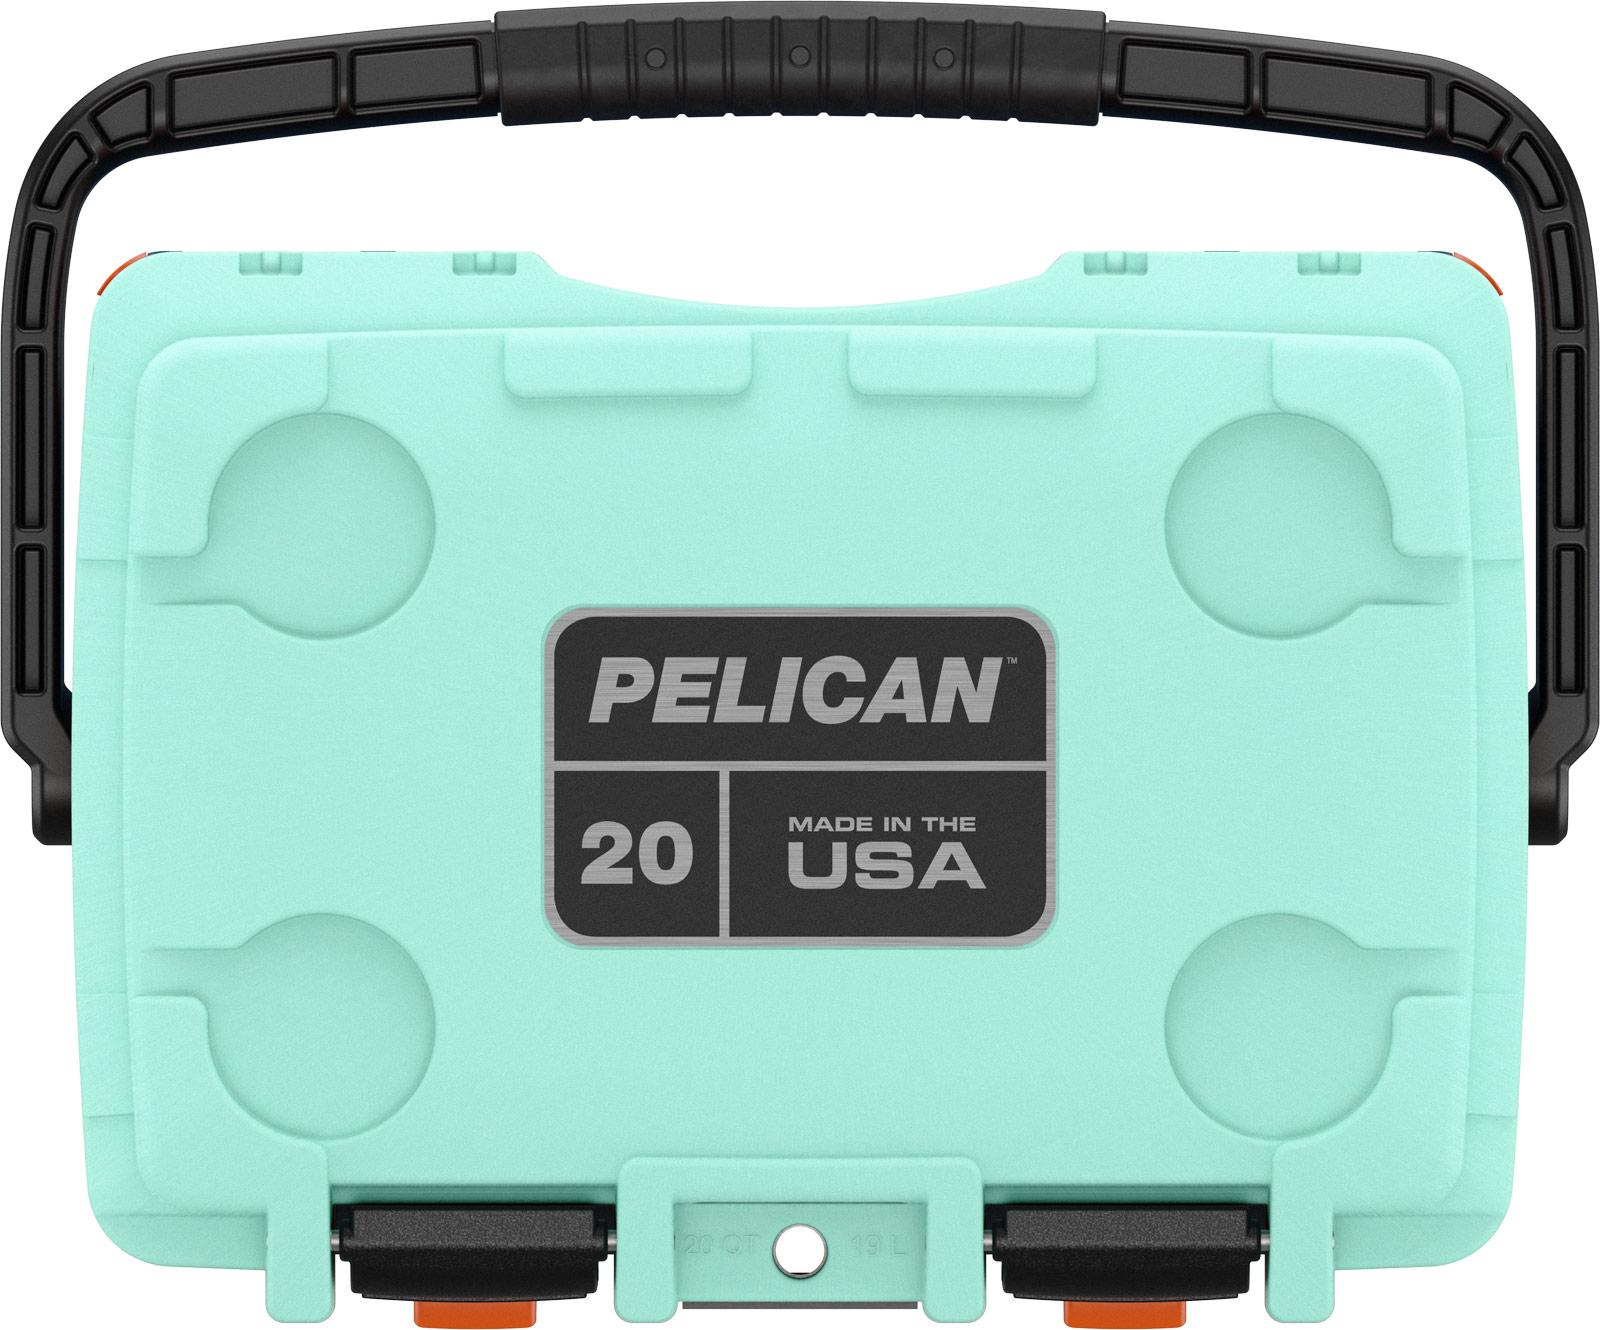 pelican camping cooler 20qt pacific blue orange seafoam